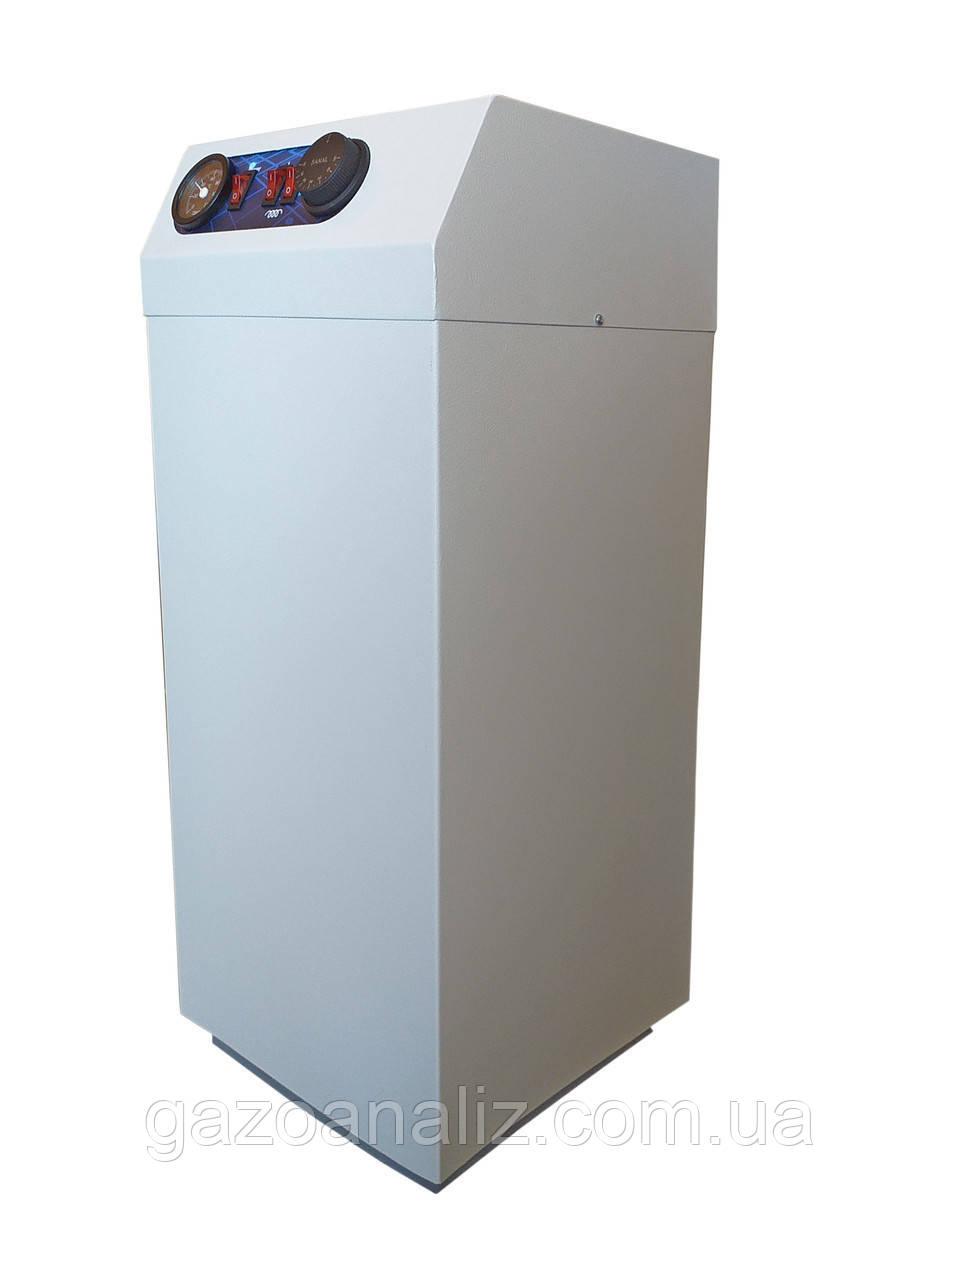 Котел електричний підлоговий ТМ NEON серії PRO Grade 150 кВт/380в. Модульний контактор (т. х)